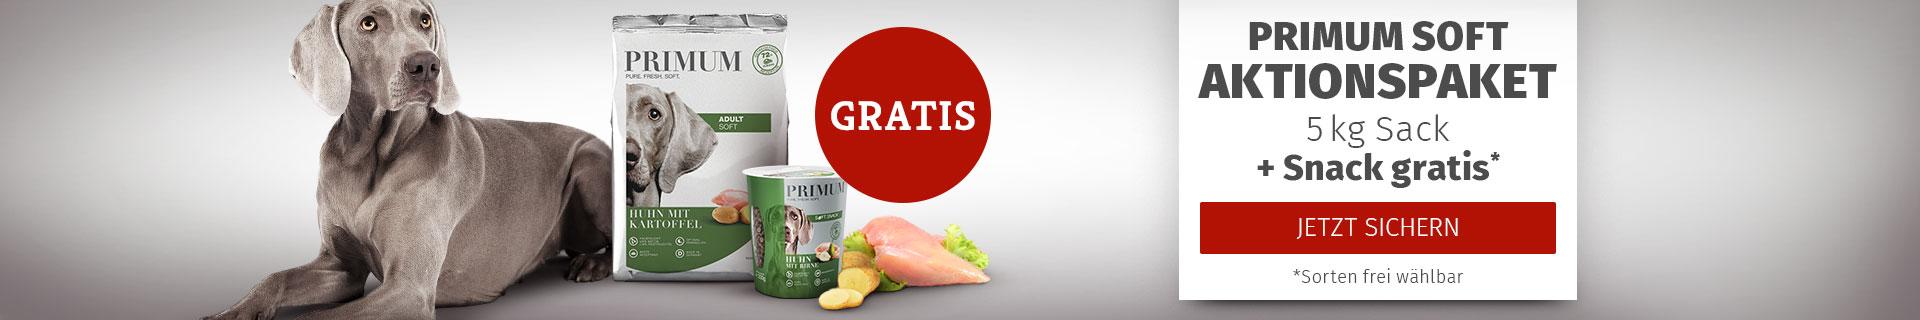 PRIMUM - Aktionspaket: 5kg Softfutter Sack bestellen + Soft Snack gratis erhalten